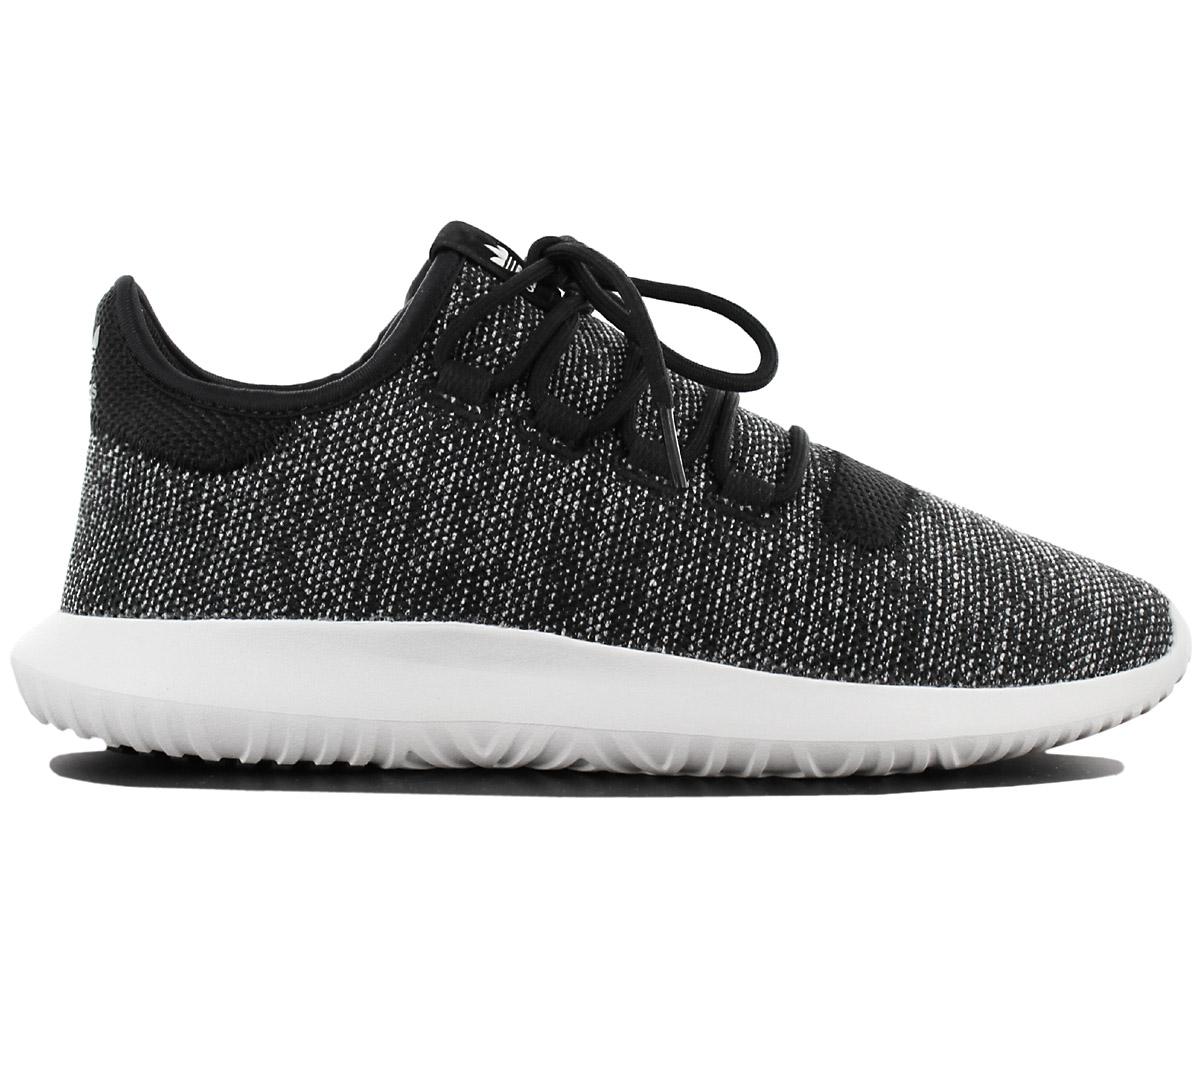 99f75032477b Adidas Originals Tubular Shadow Knit Ladies Trainers Shoes Bb8826 ...